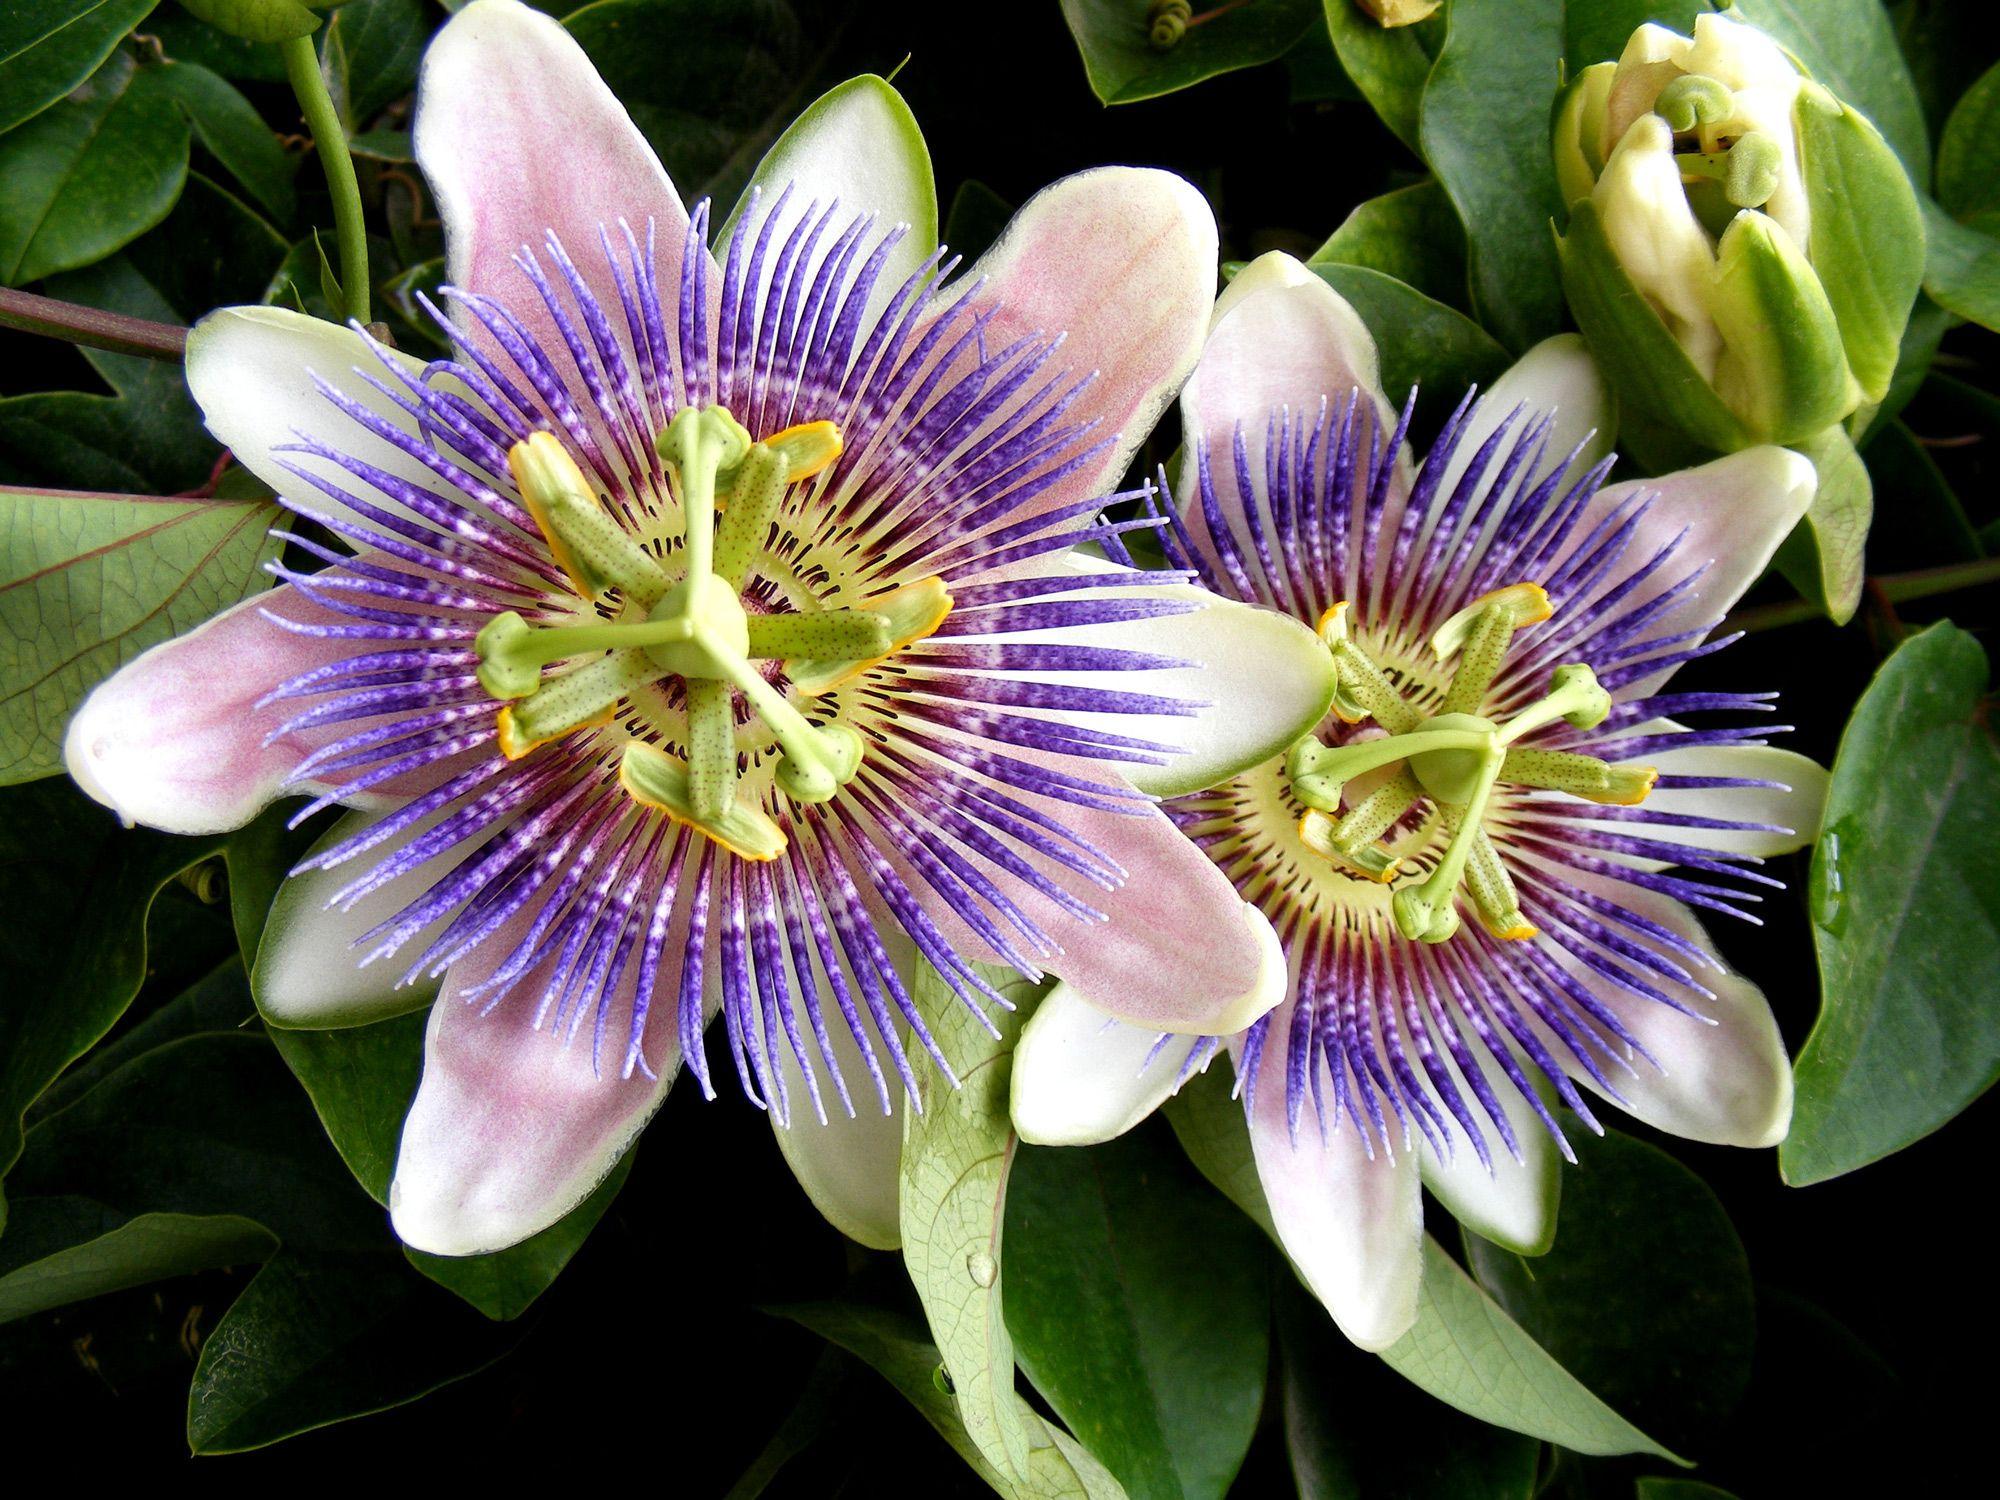 plantas contra el insomnio - pasiflora